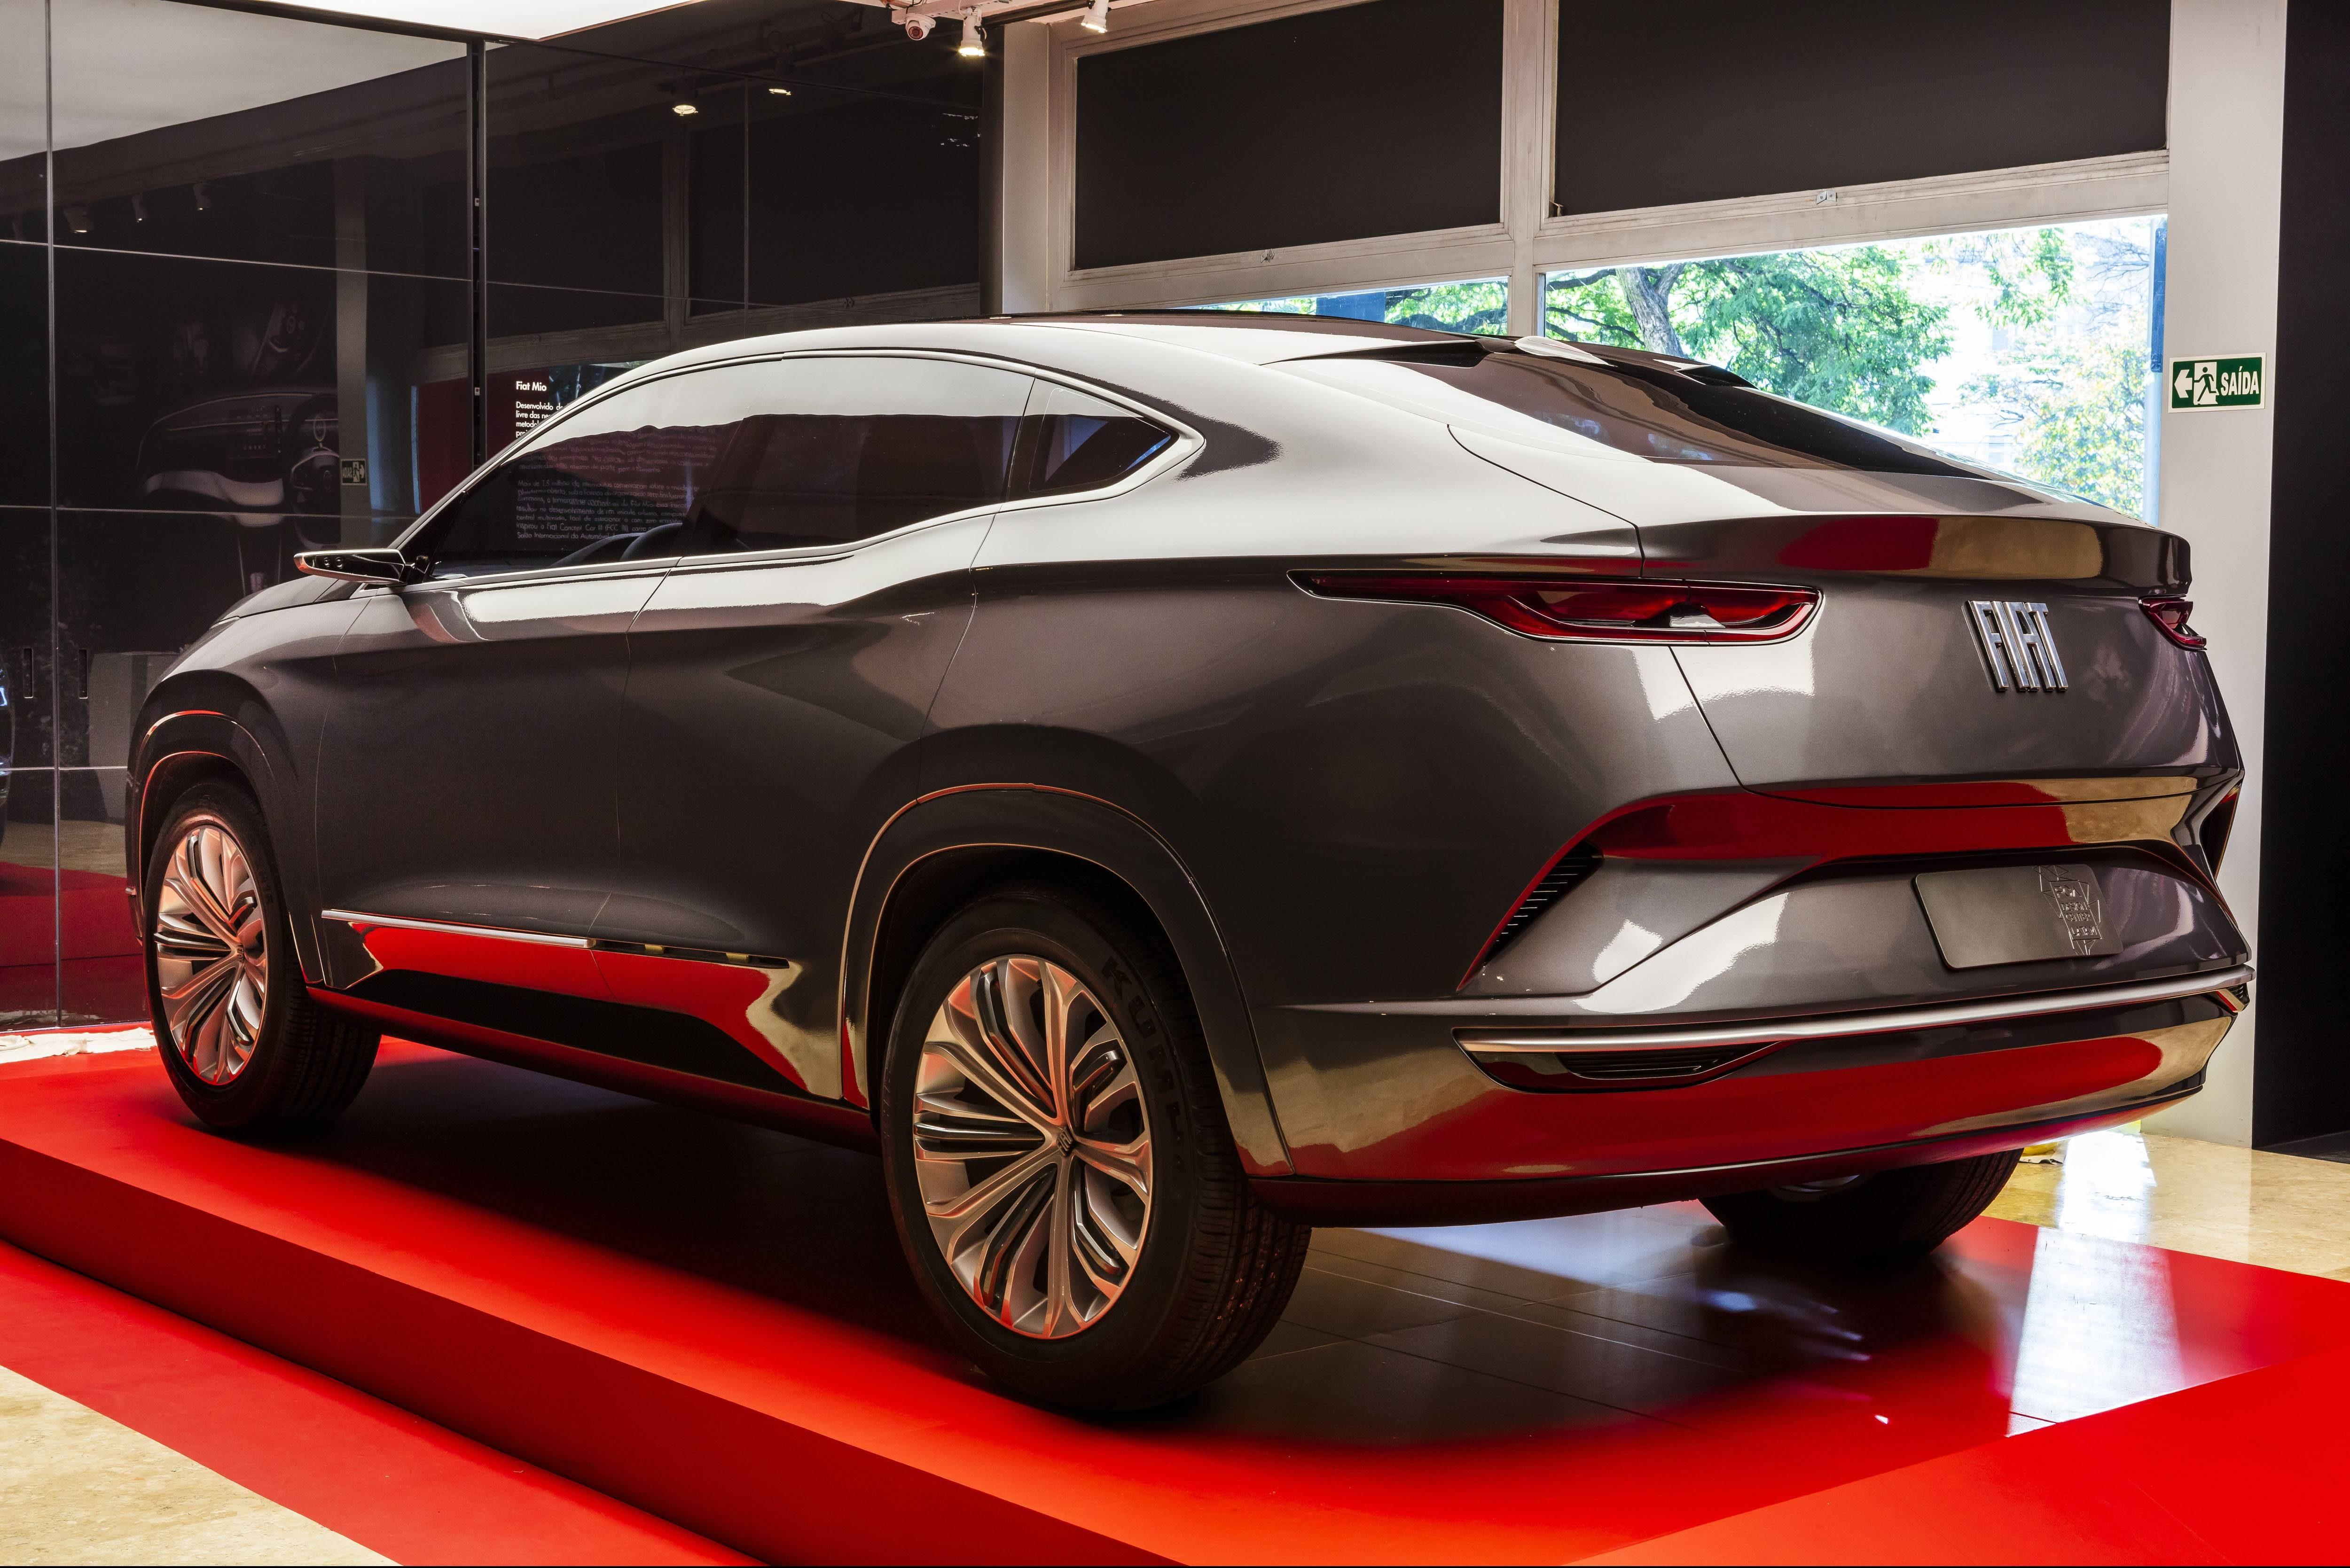 Traseira acupezada do conceito Fastback deve servir de inspiração para o novo SUV da Fiat